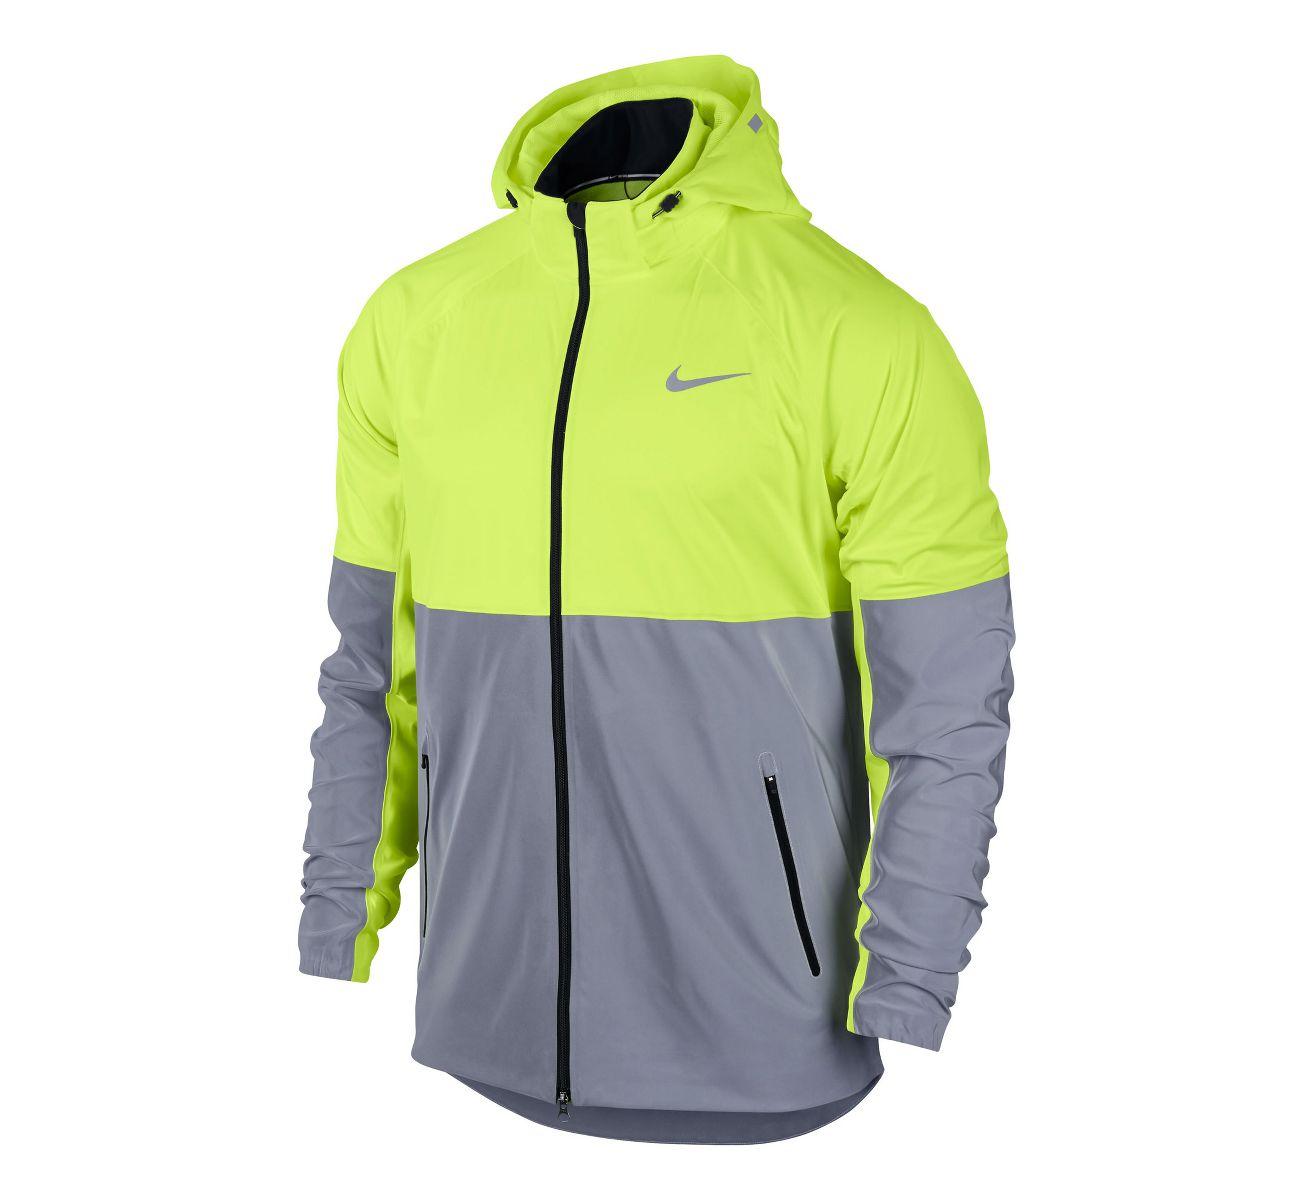 Mens Nike Shield Flash Running Jackets at Road Runner Sports